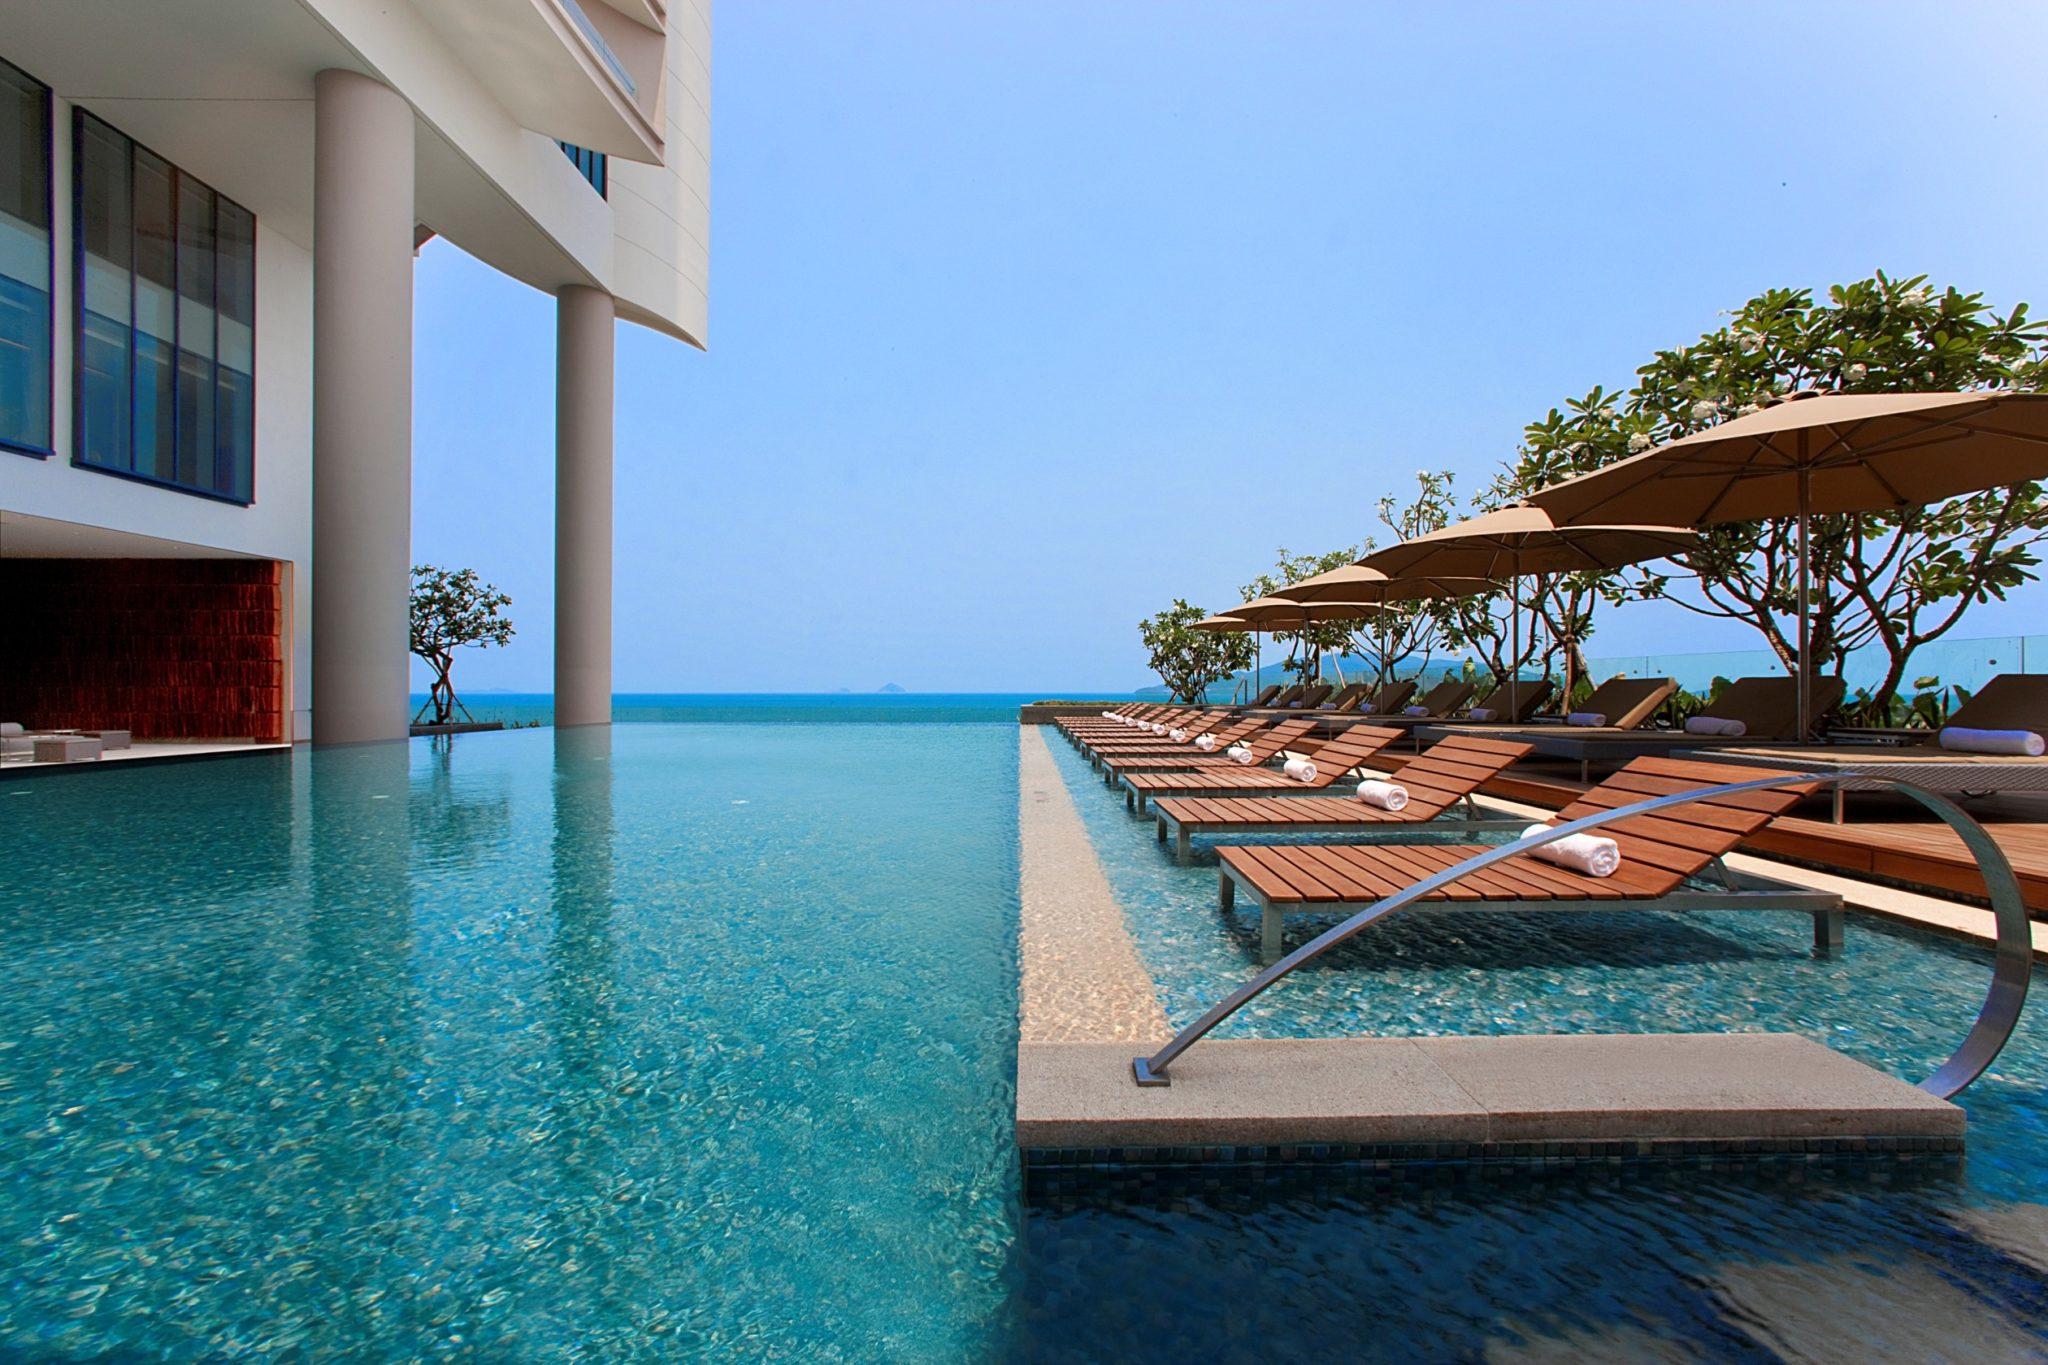 Sheraton Nha Trang Hotel And Spa Vietnam Infinity Pools